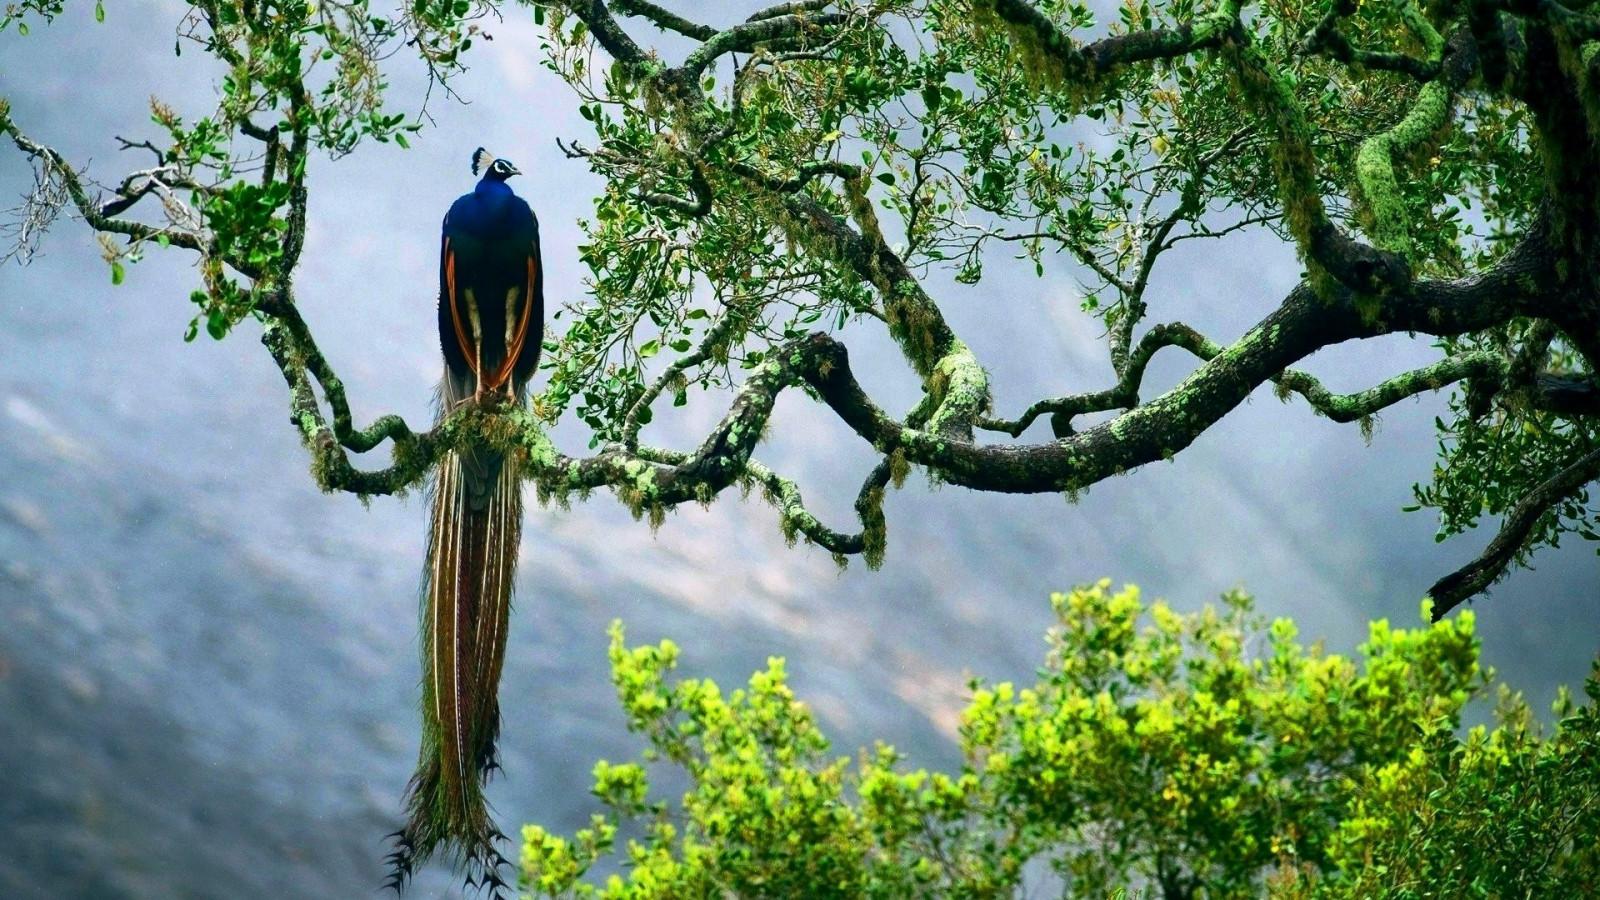 Numa Falls Wallpaper Wallpaper Trees Birds Animals Sky Peacock Branch